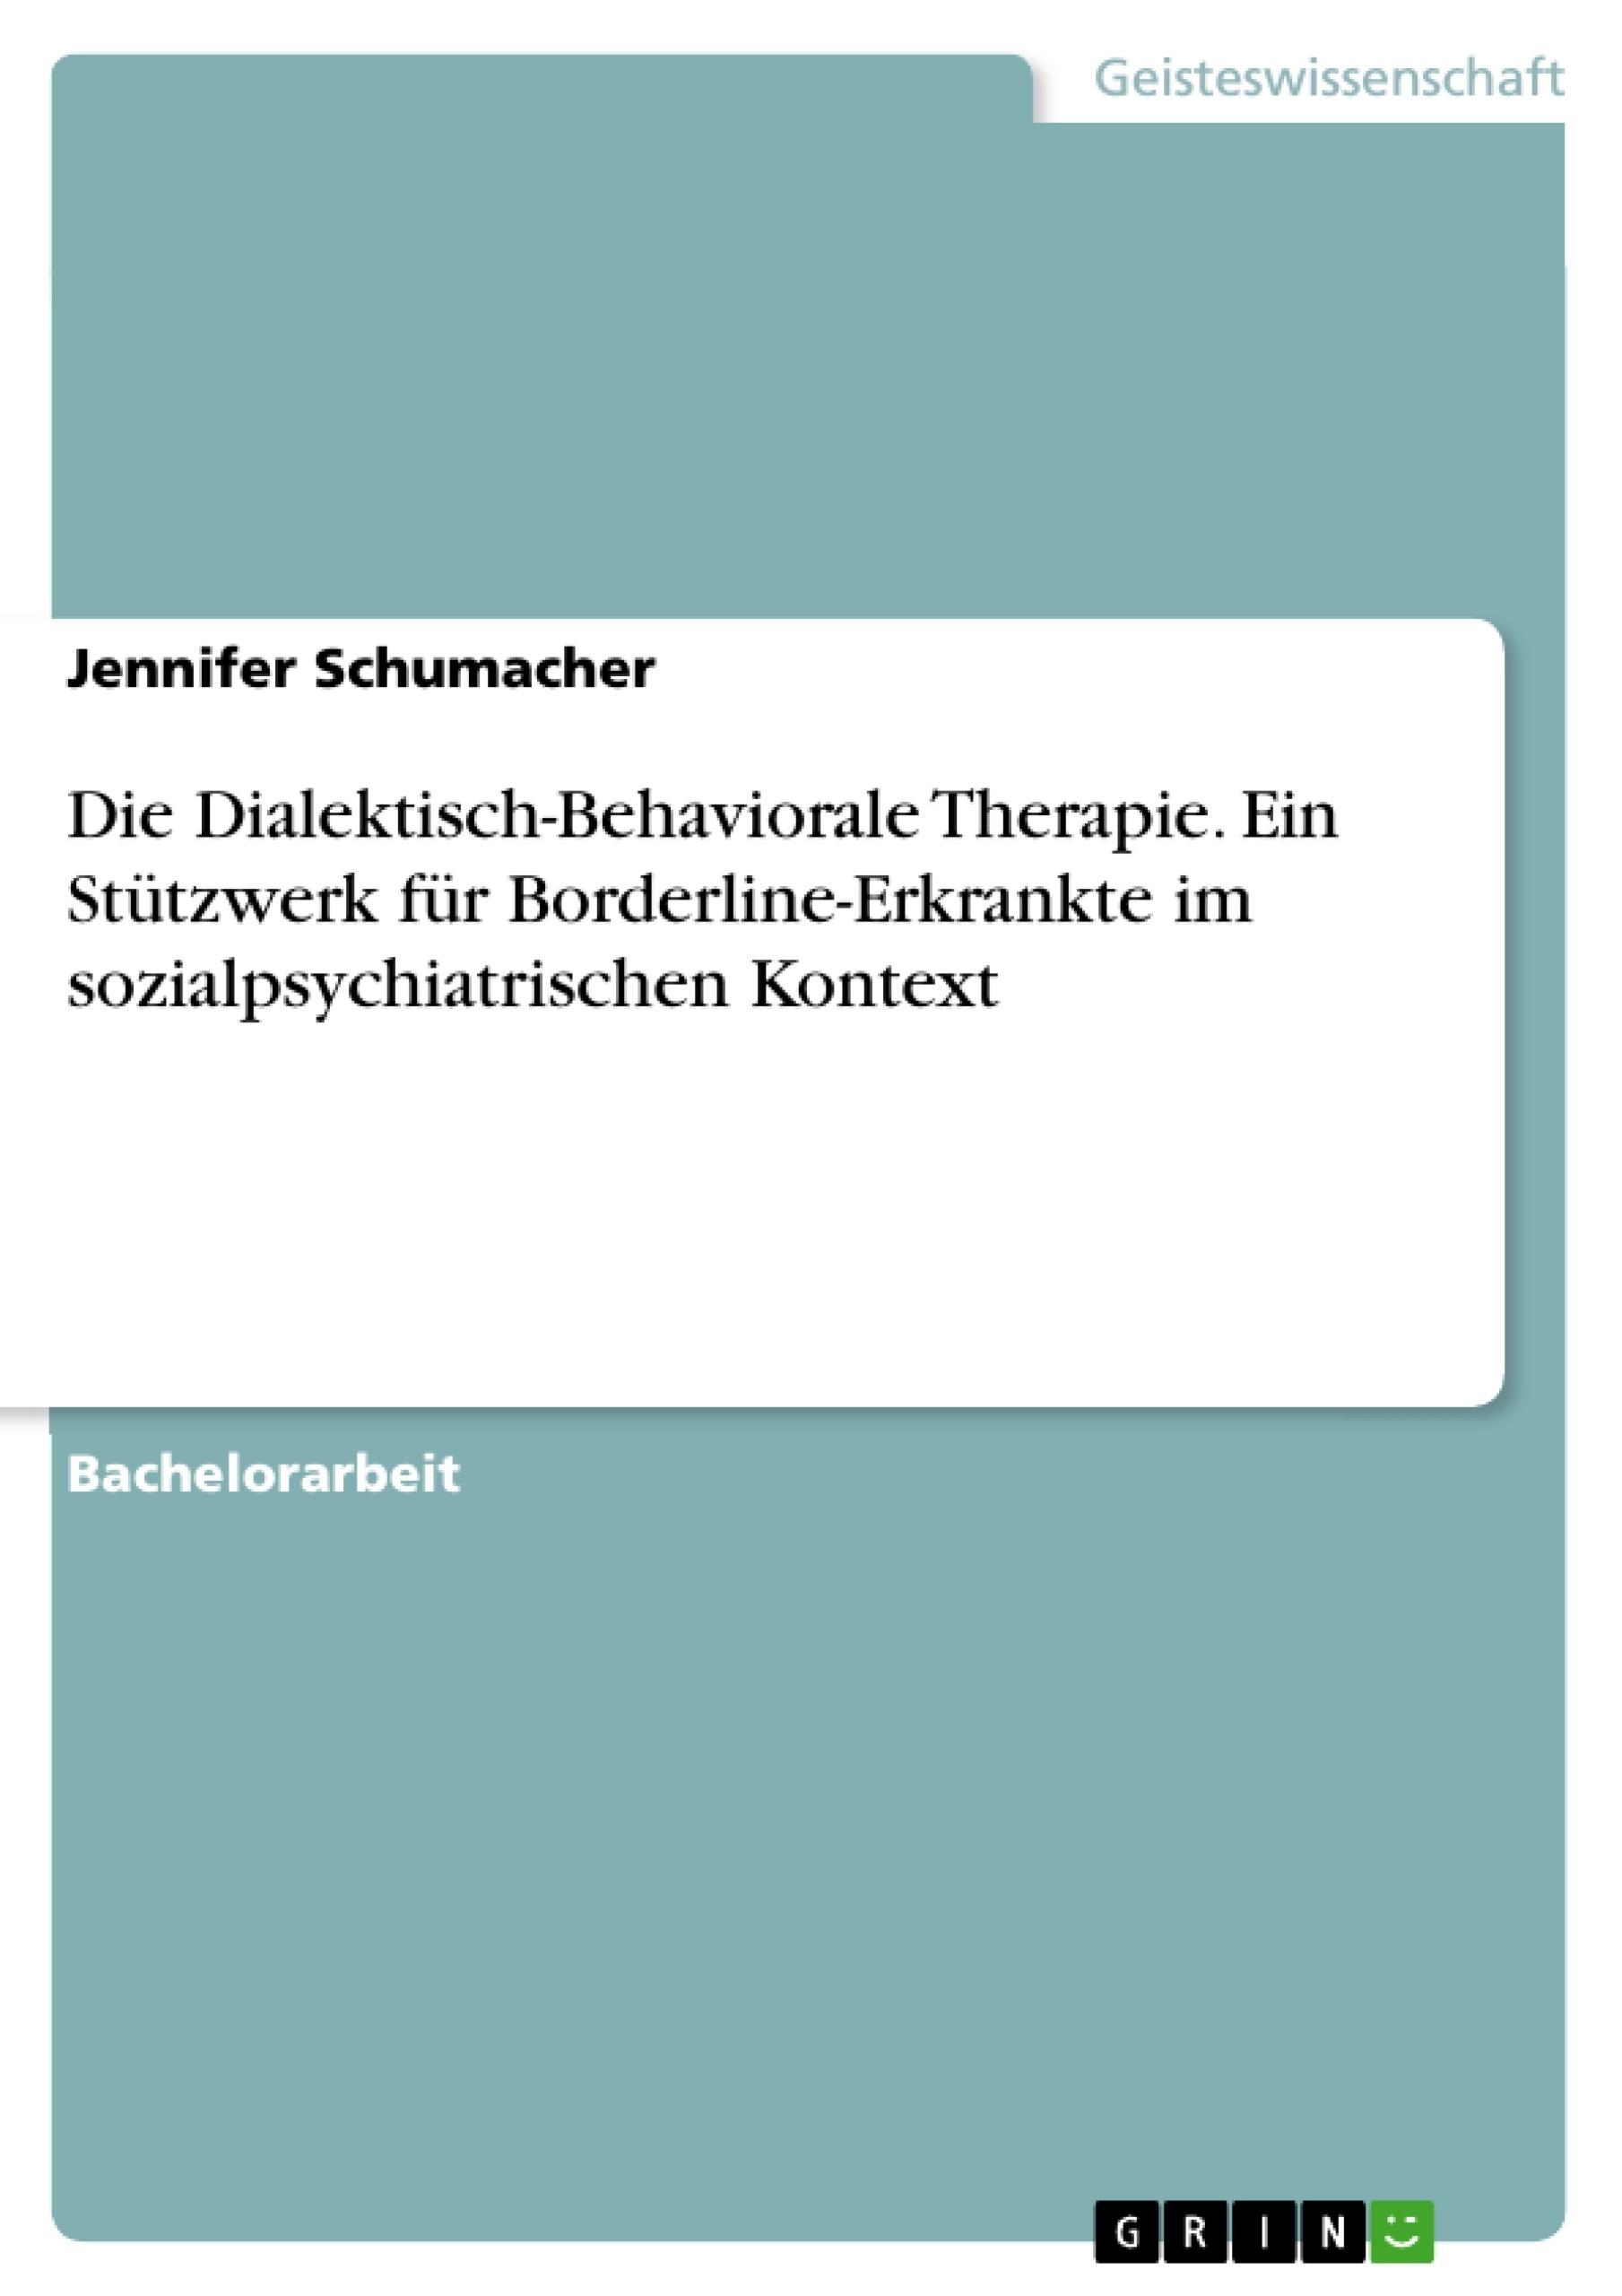 Titel: Die Dialektisch-Behaviorale Therapie. Ein Stützwerk für Borderline-Erkrankte im sozialpsychiatrischen Kontext